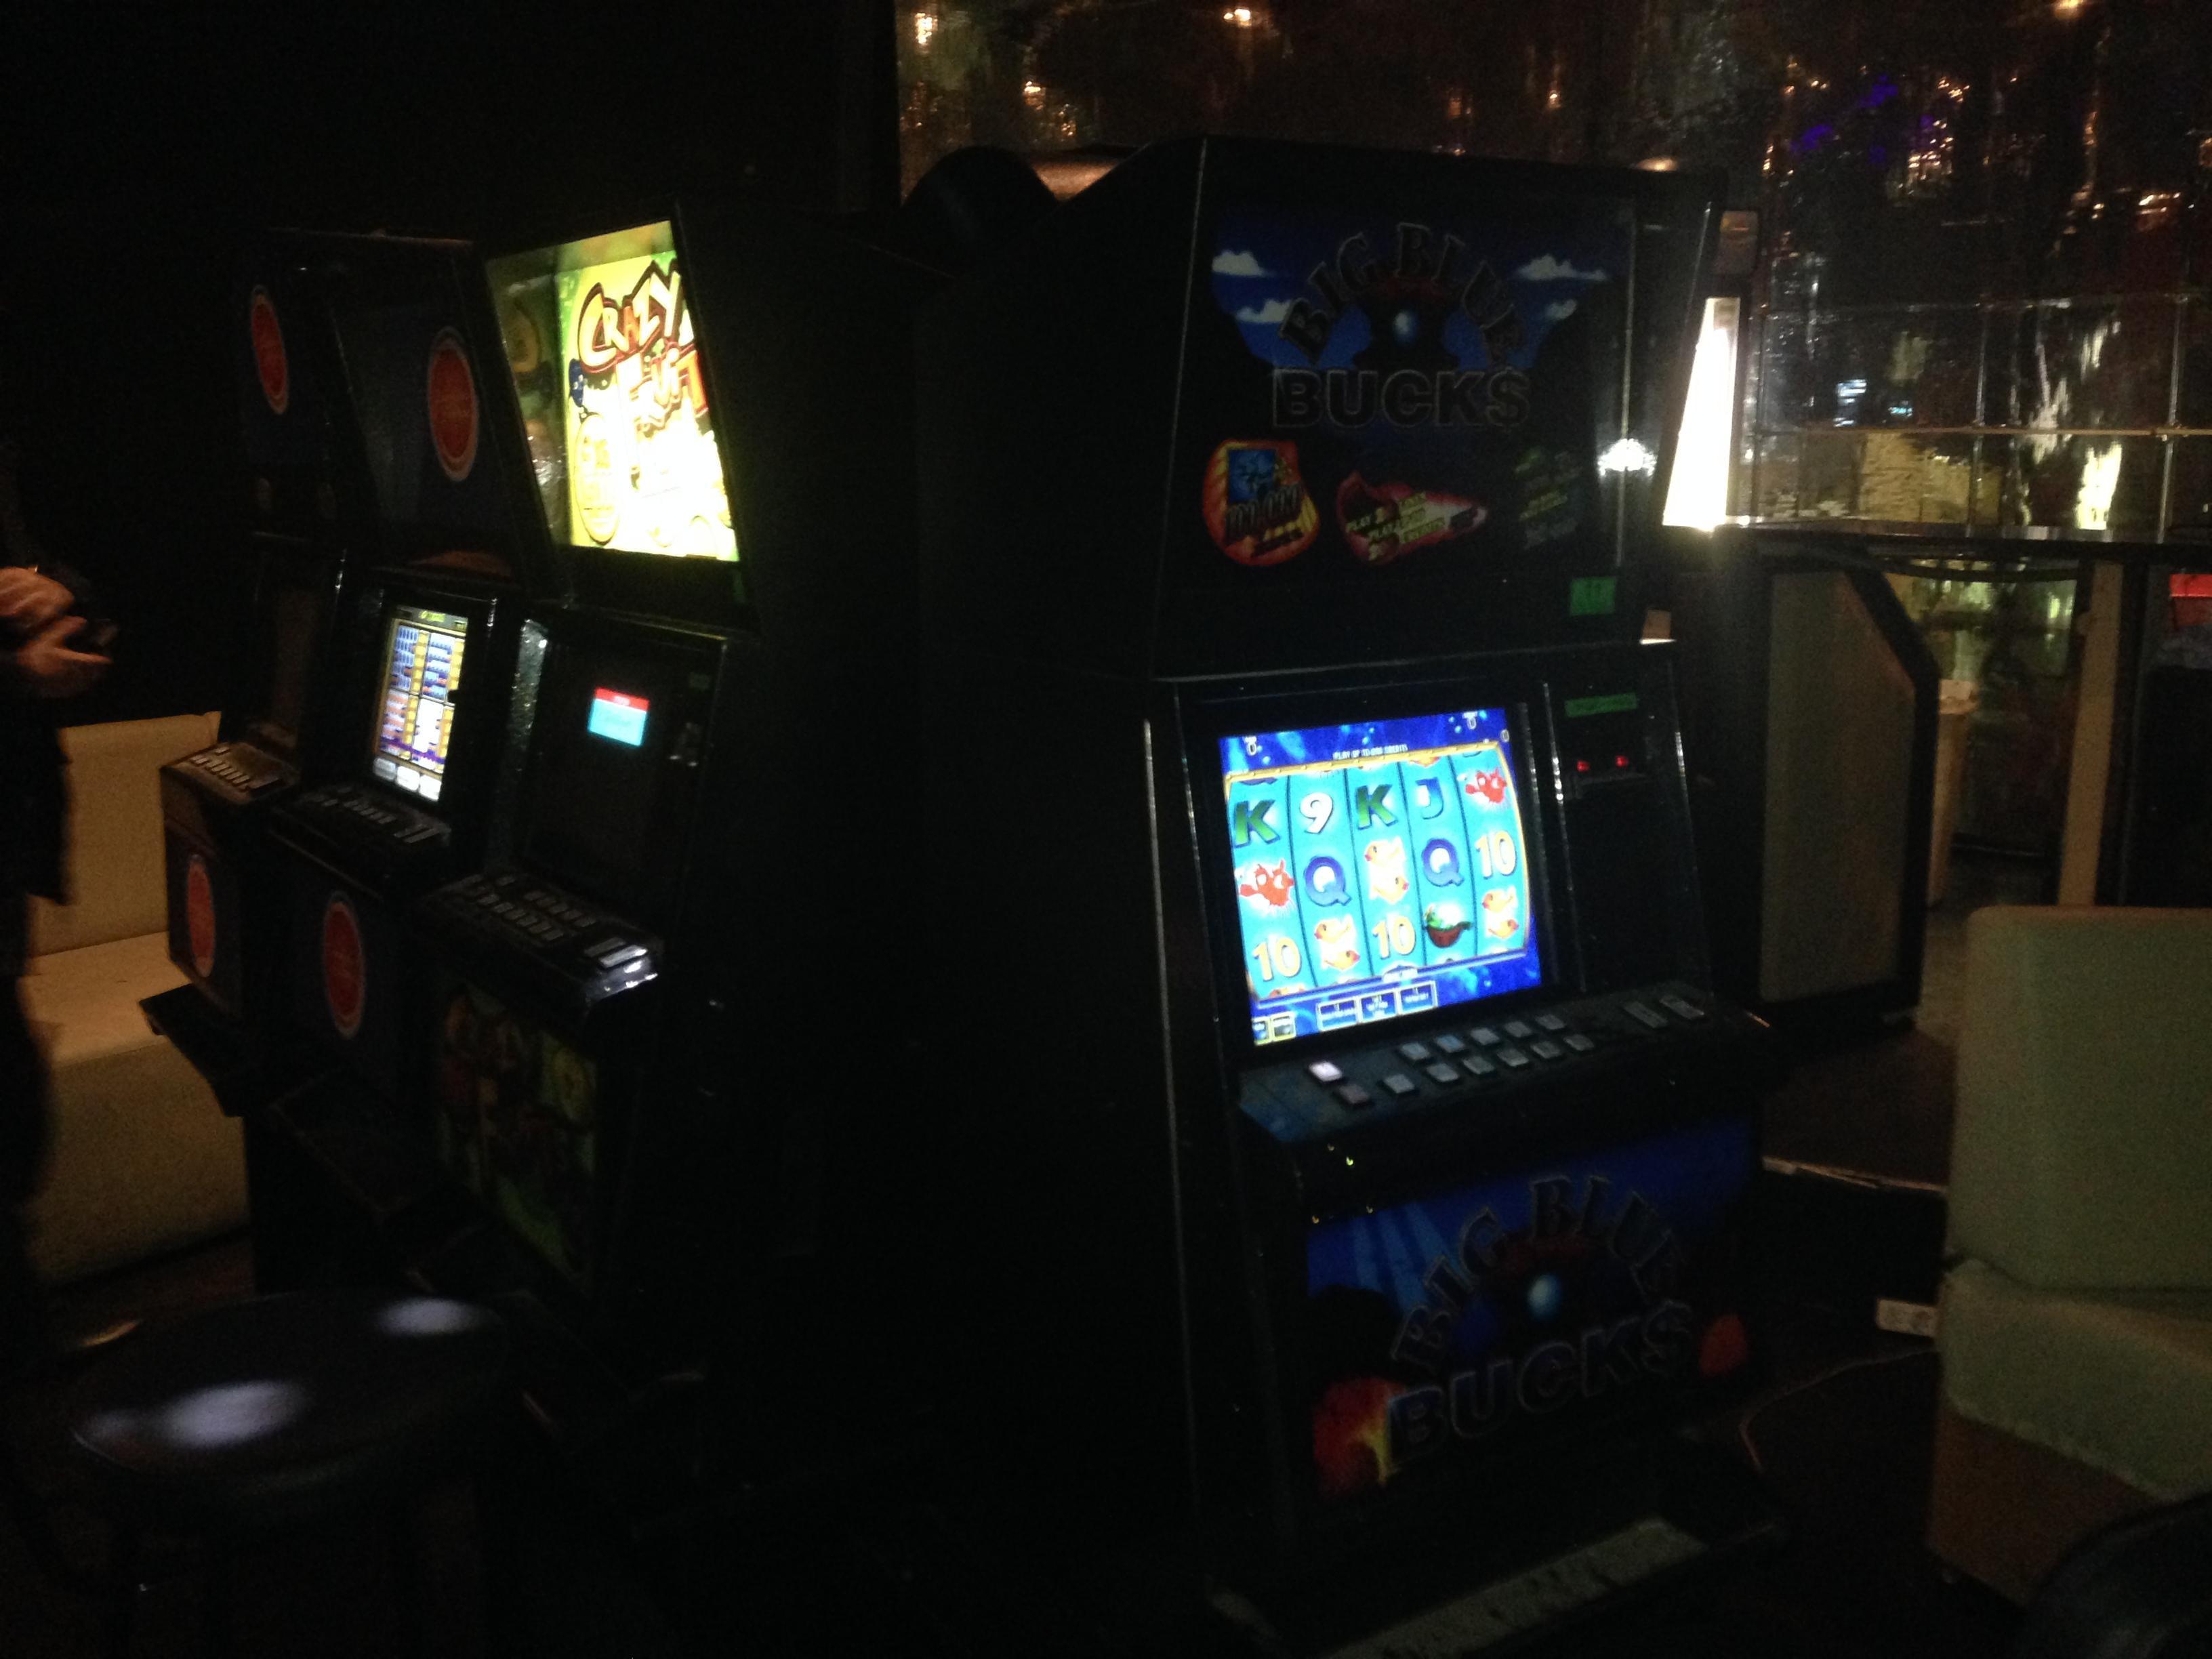 Где в зеленограде игровые автоматы скачатьигровые автоматы на телефон бесплатно резидент